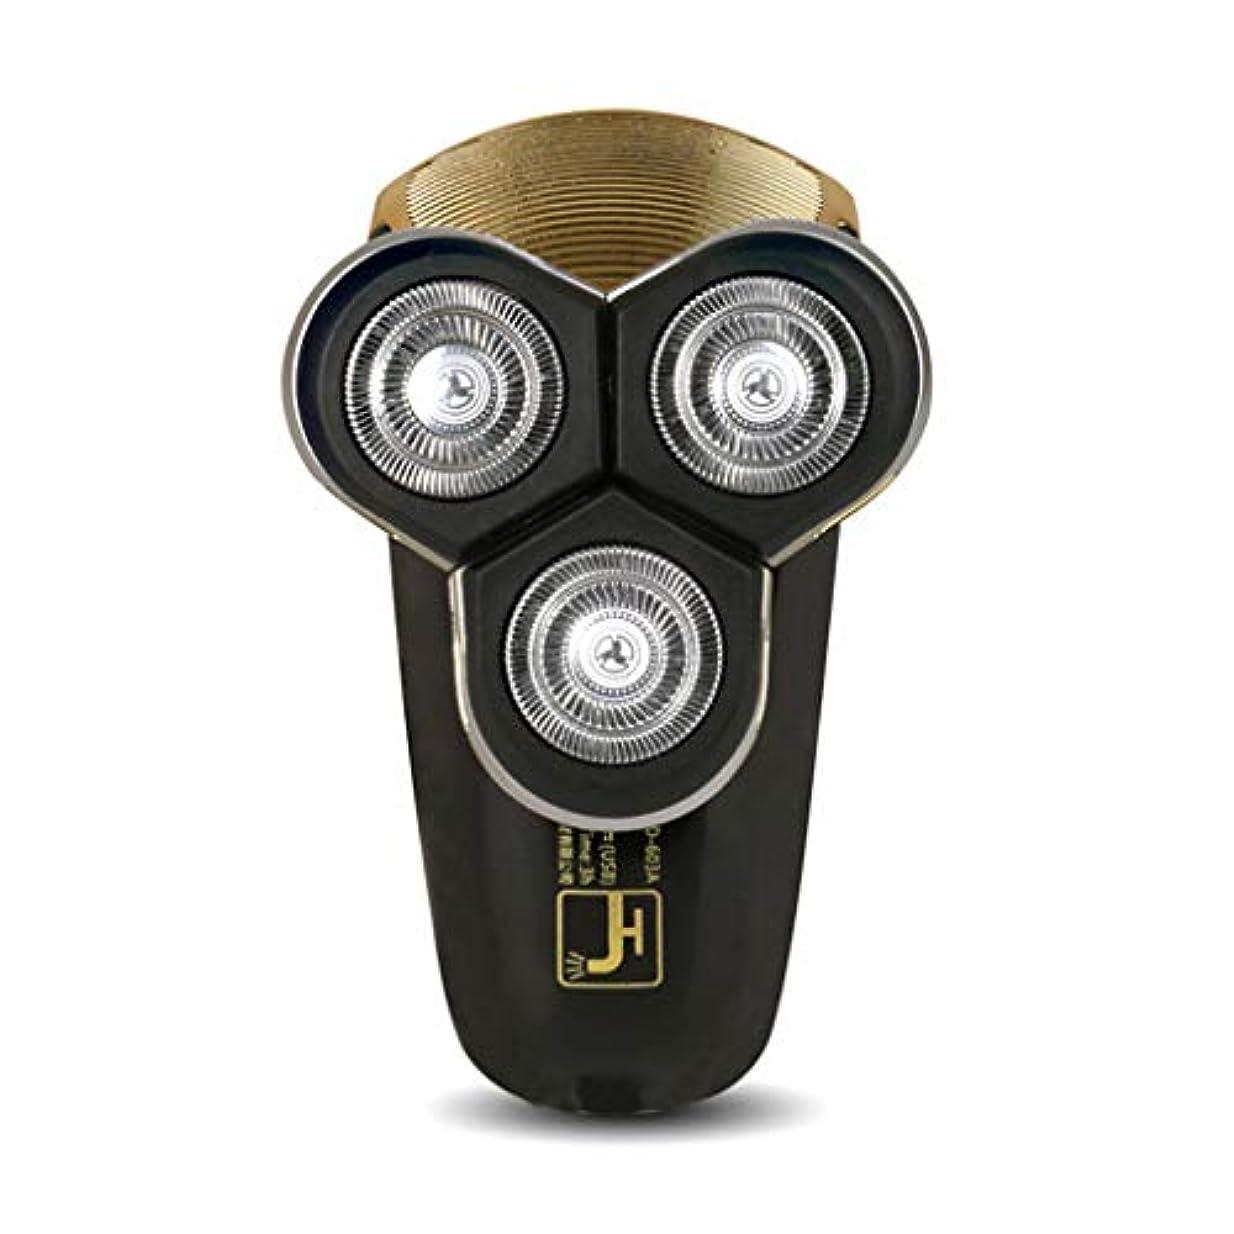 代理人非武装化ディスカウントメンズ電気シェーバー/USB充電コードレスひげトリマー、防水/ウェット&ドライ、ギフト